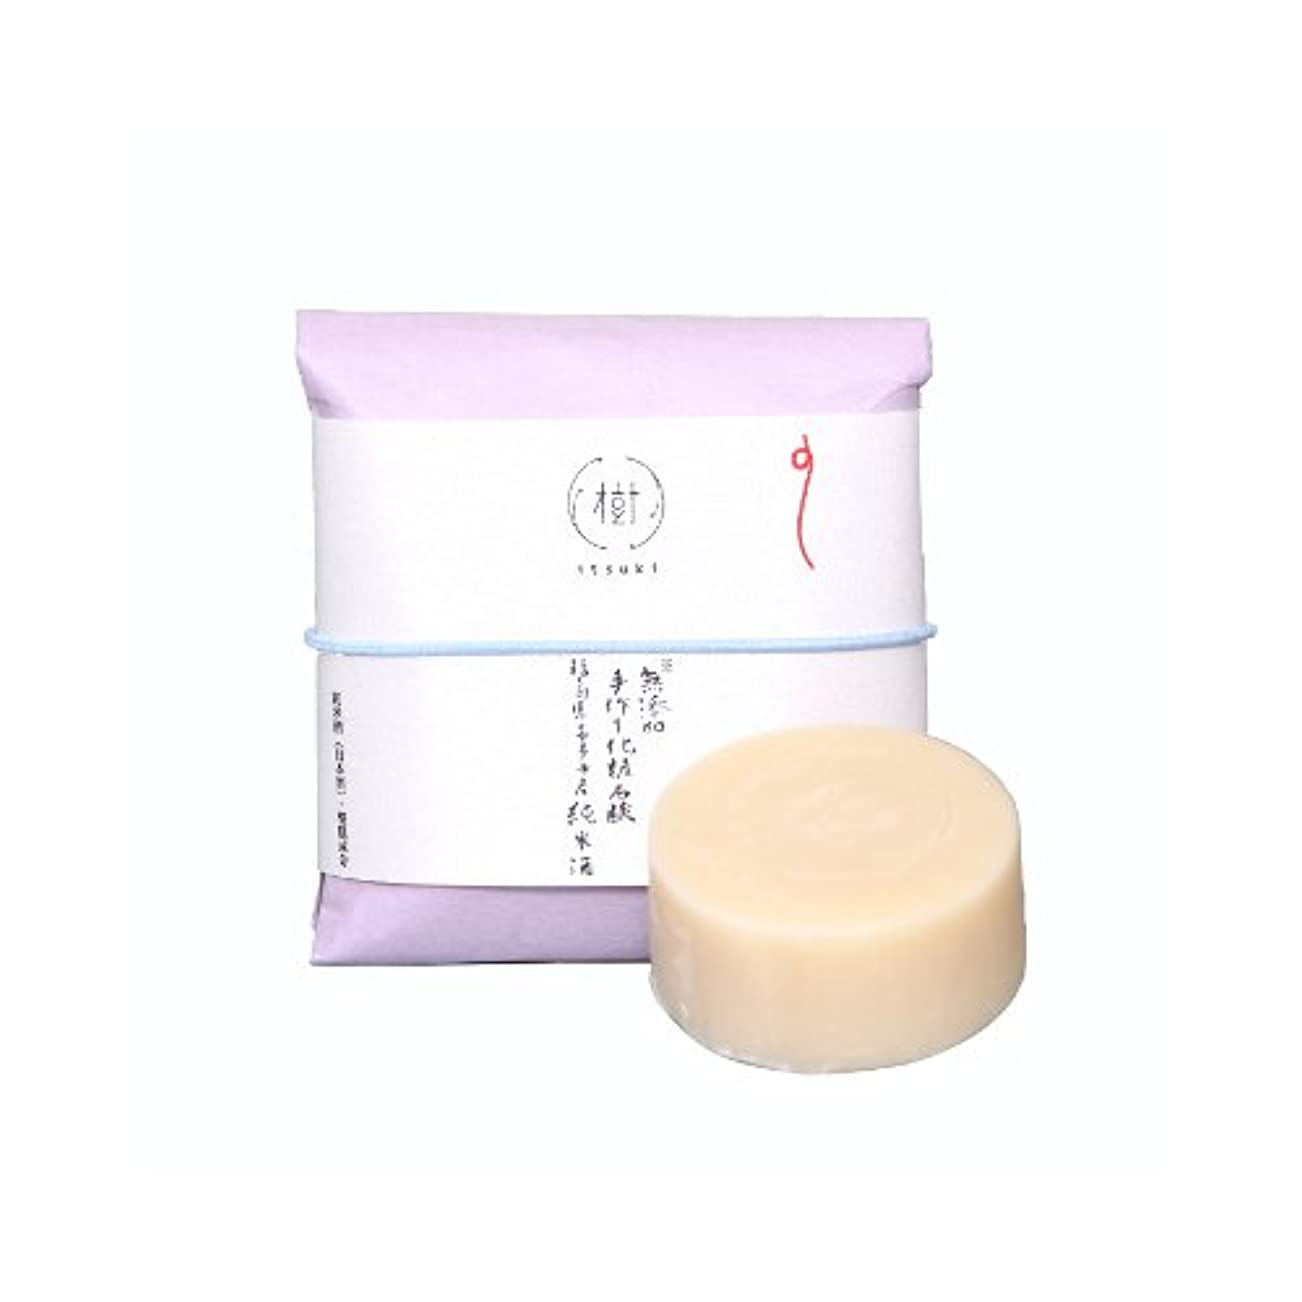 ダイエットマスククリーム樹 無添加手作り化粧石鹸60g 福島県喜多方産 純米酒